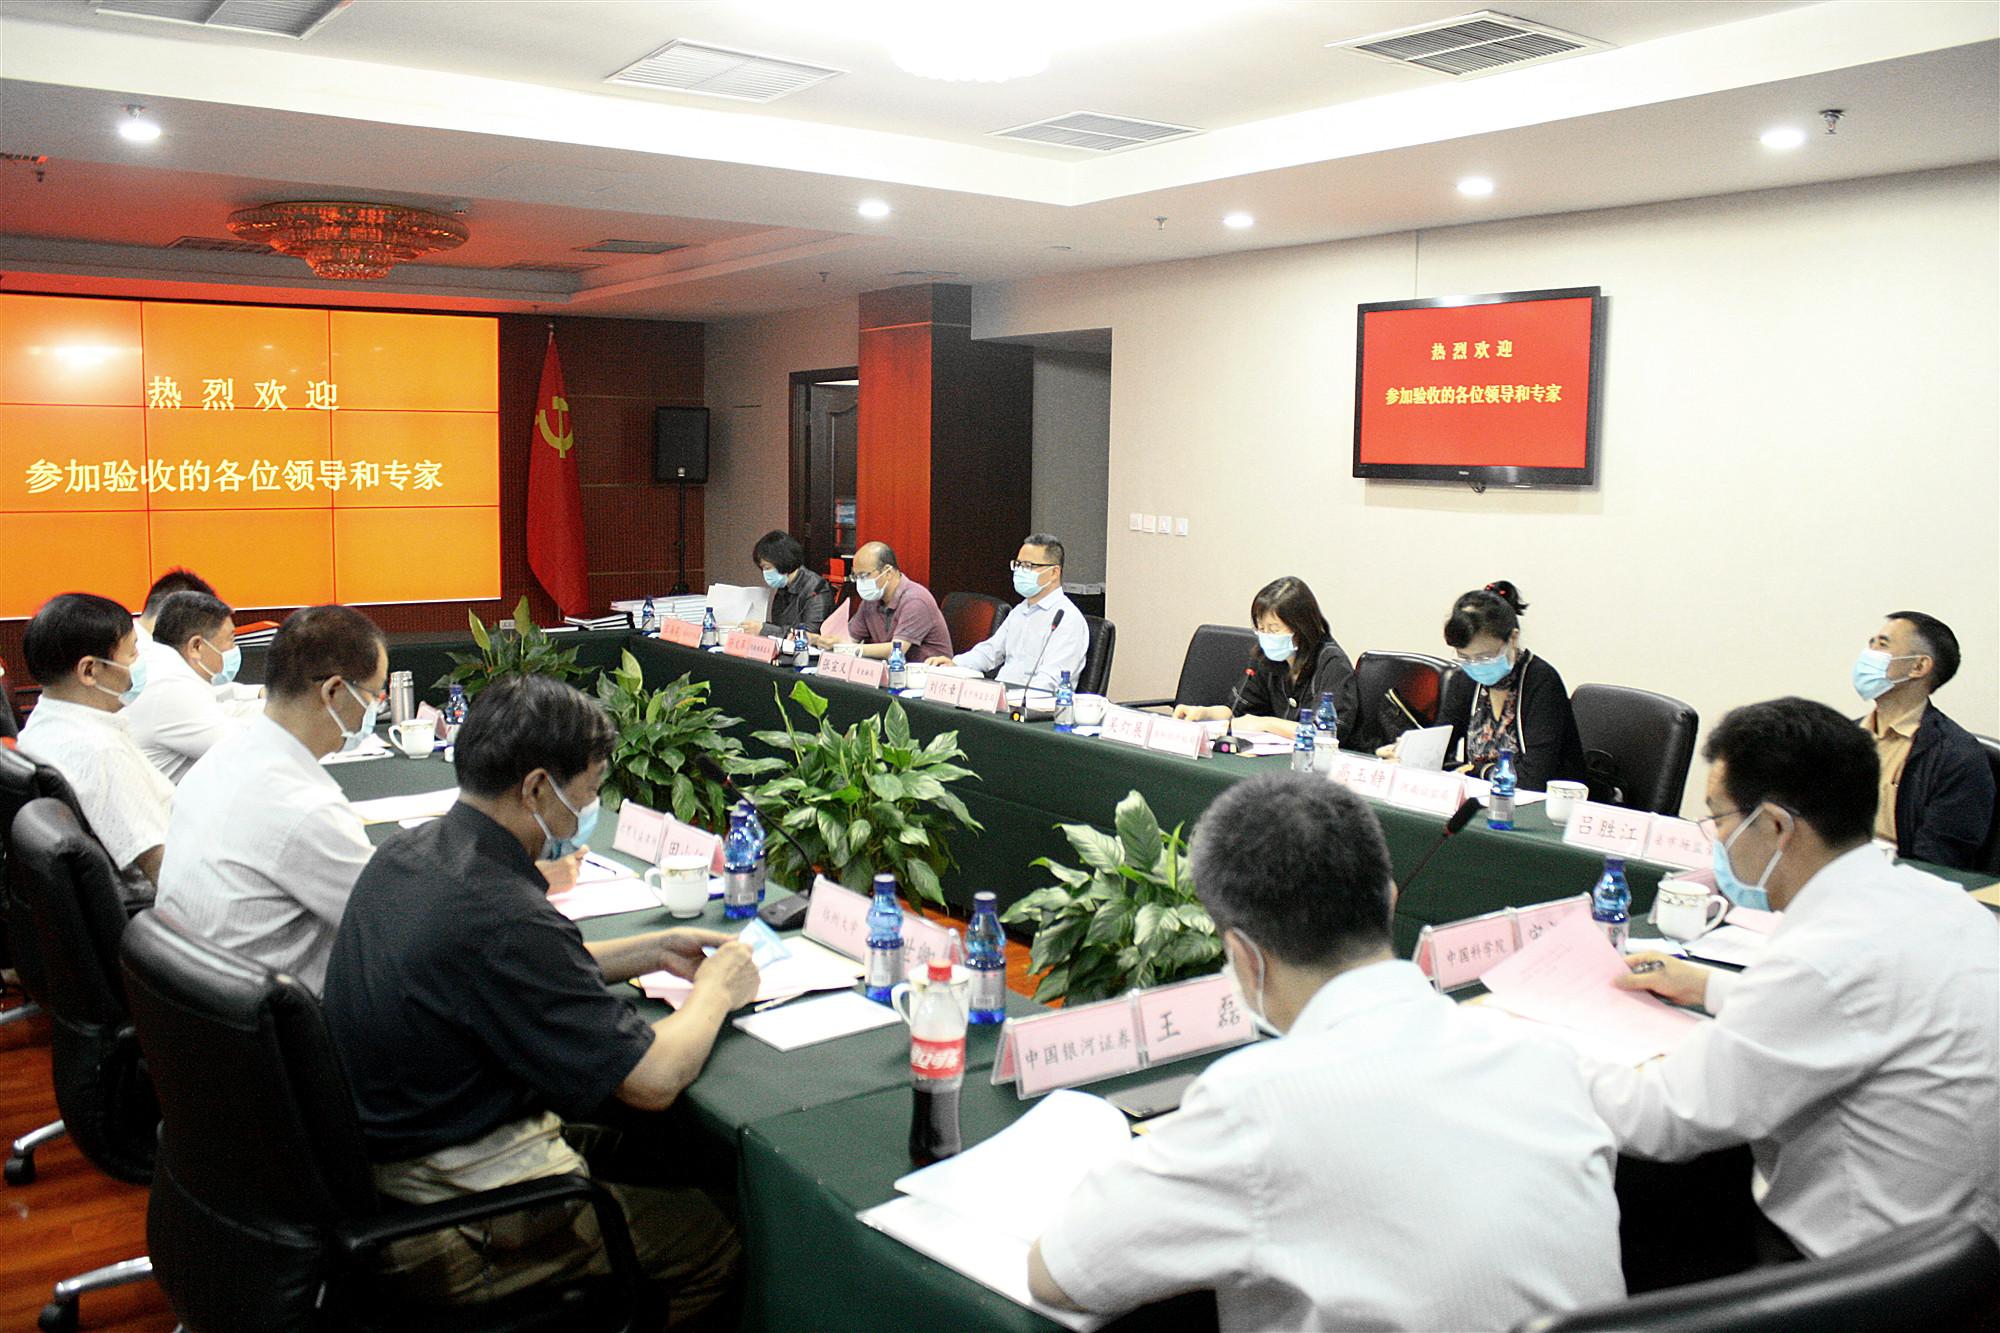 1a国家知识产权交易市场在郑州建成.jpg